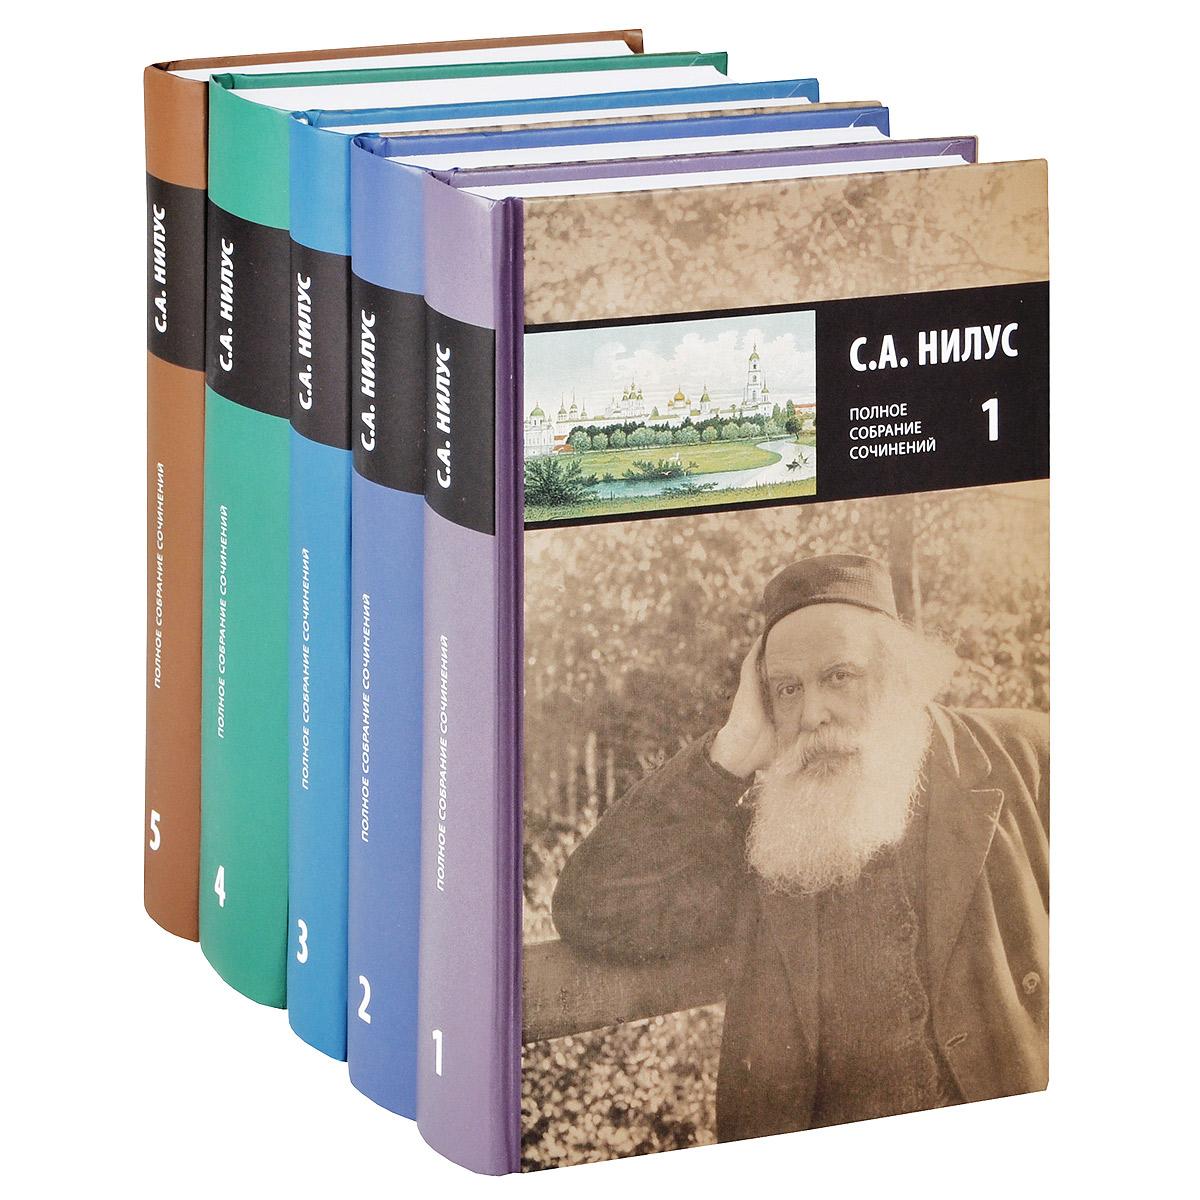 С. А. Нилус. Полное собрание сочинений (комплект из 5 книг)